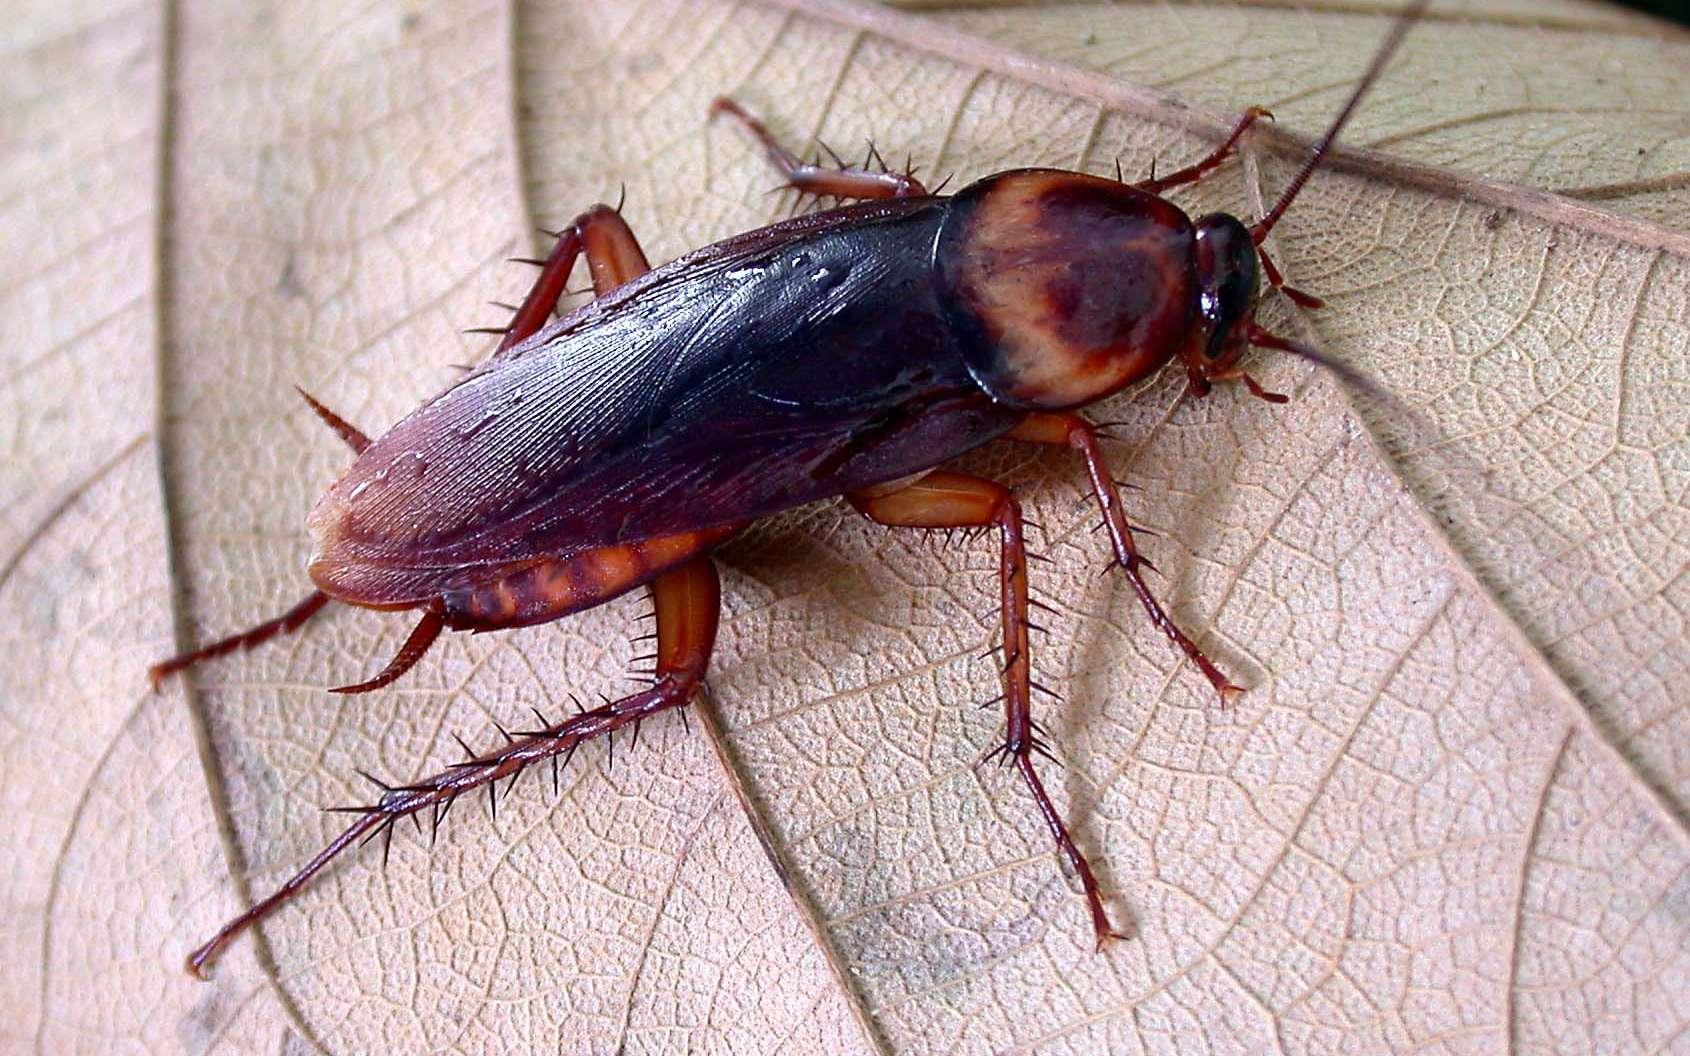 La blatte américaine (Periplaneta americana) mesure jusqu'à quatre centimètres de long. © Len Worthington, Flickr